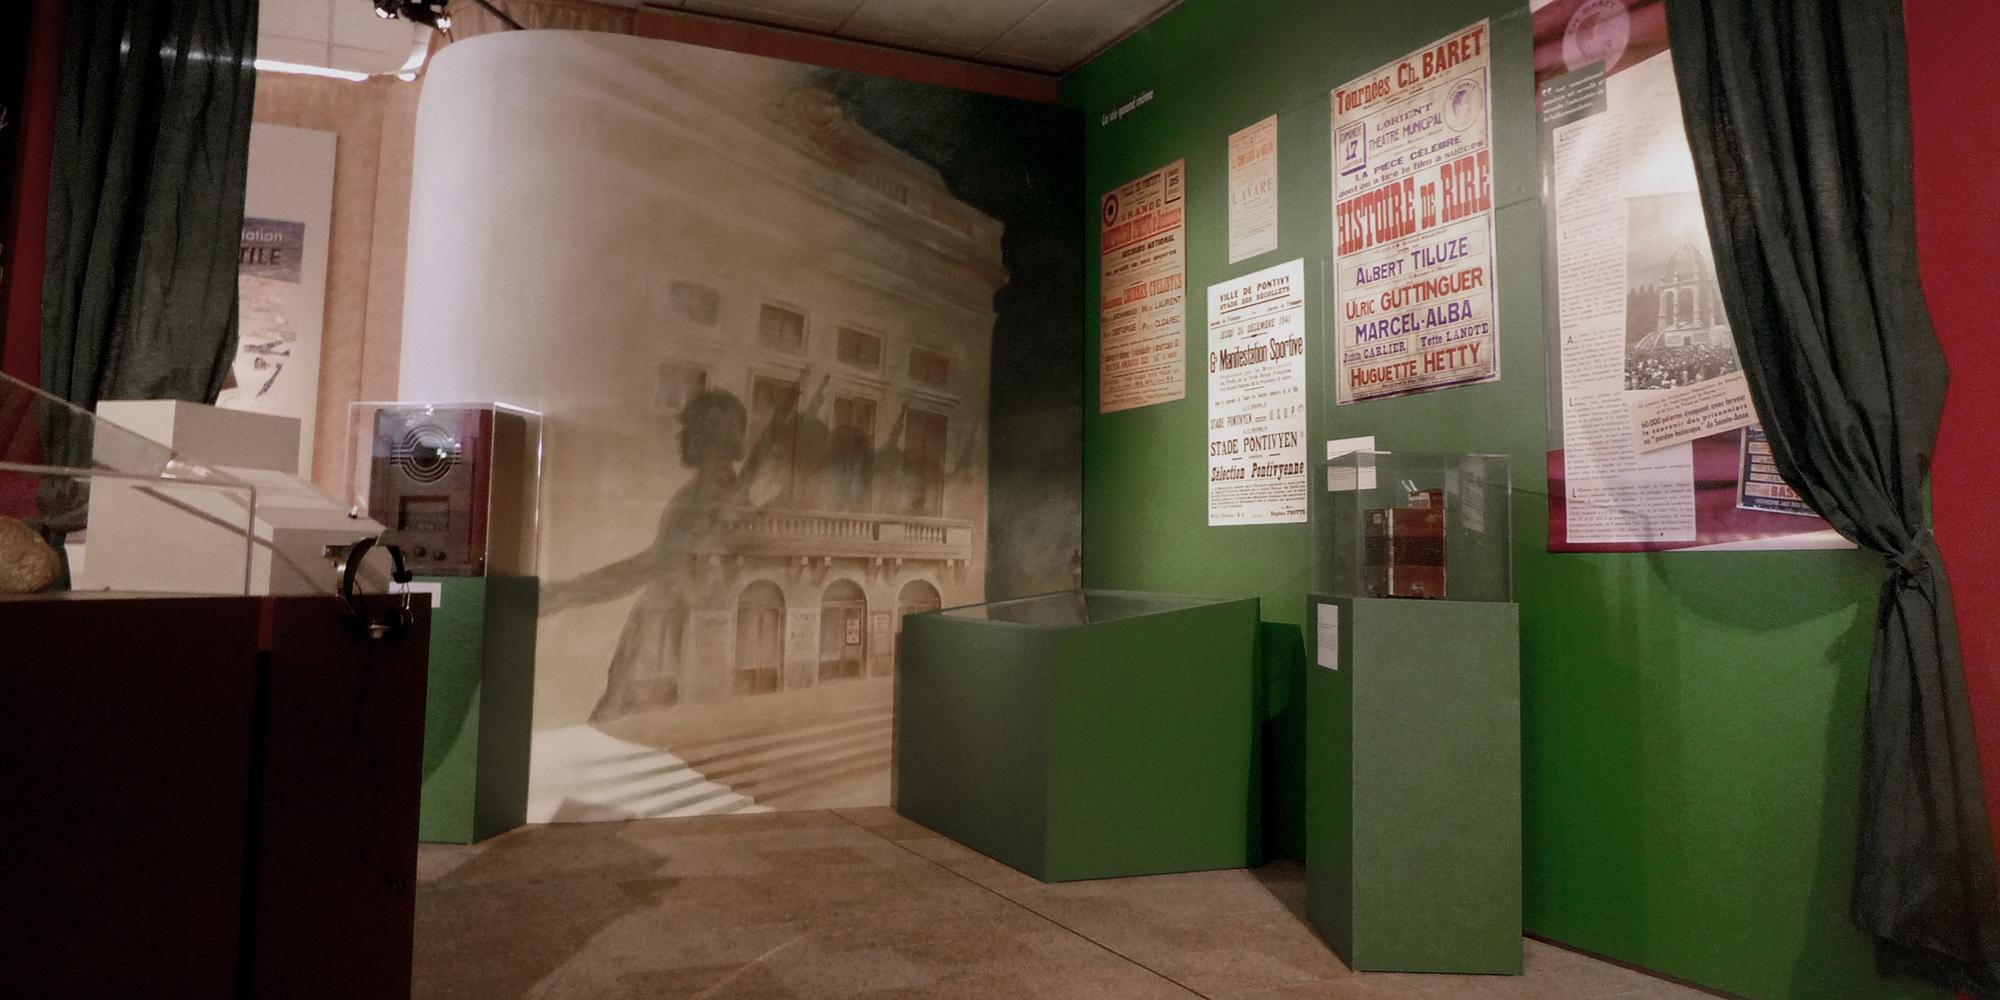 Exposition Le Morbihan dans la tourmente - Décors de scène quotidienne de la vie pendant la guerre